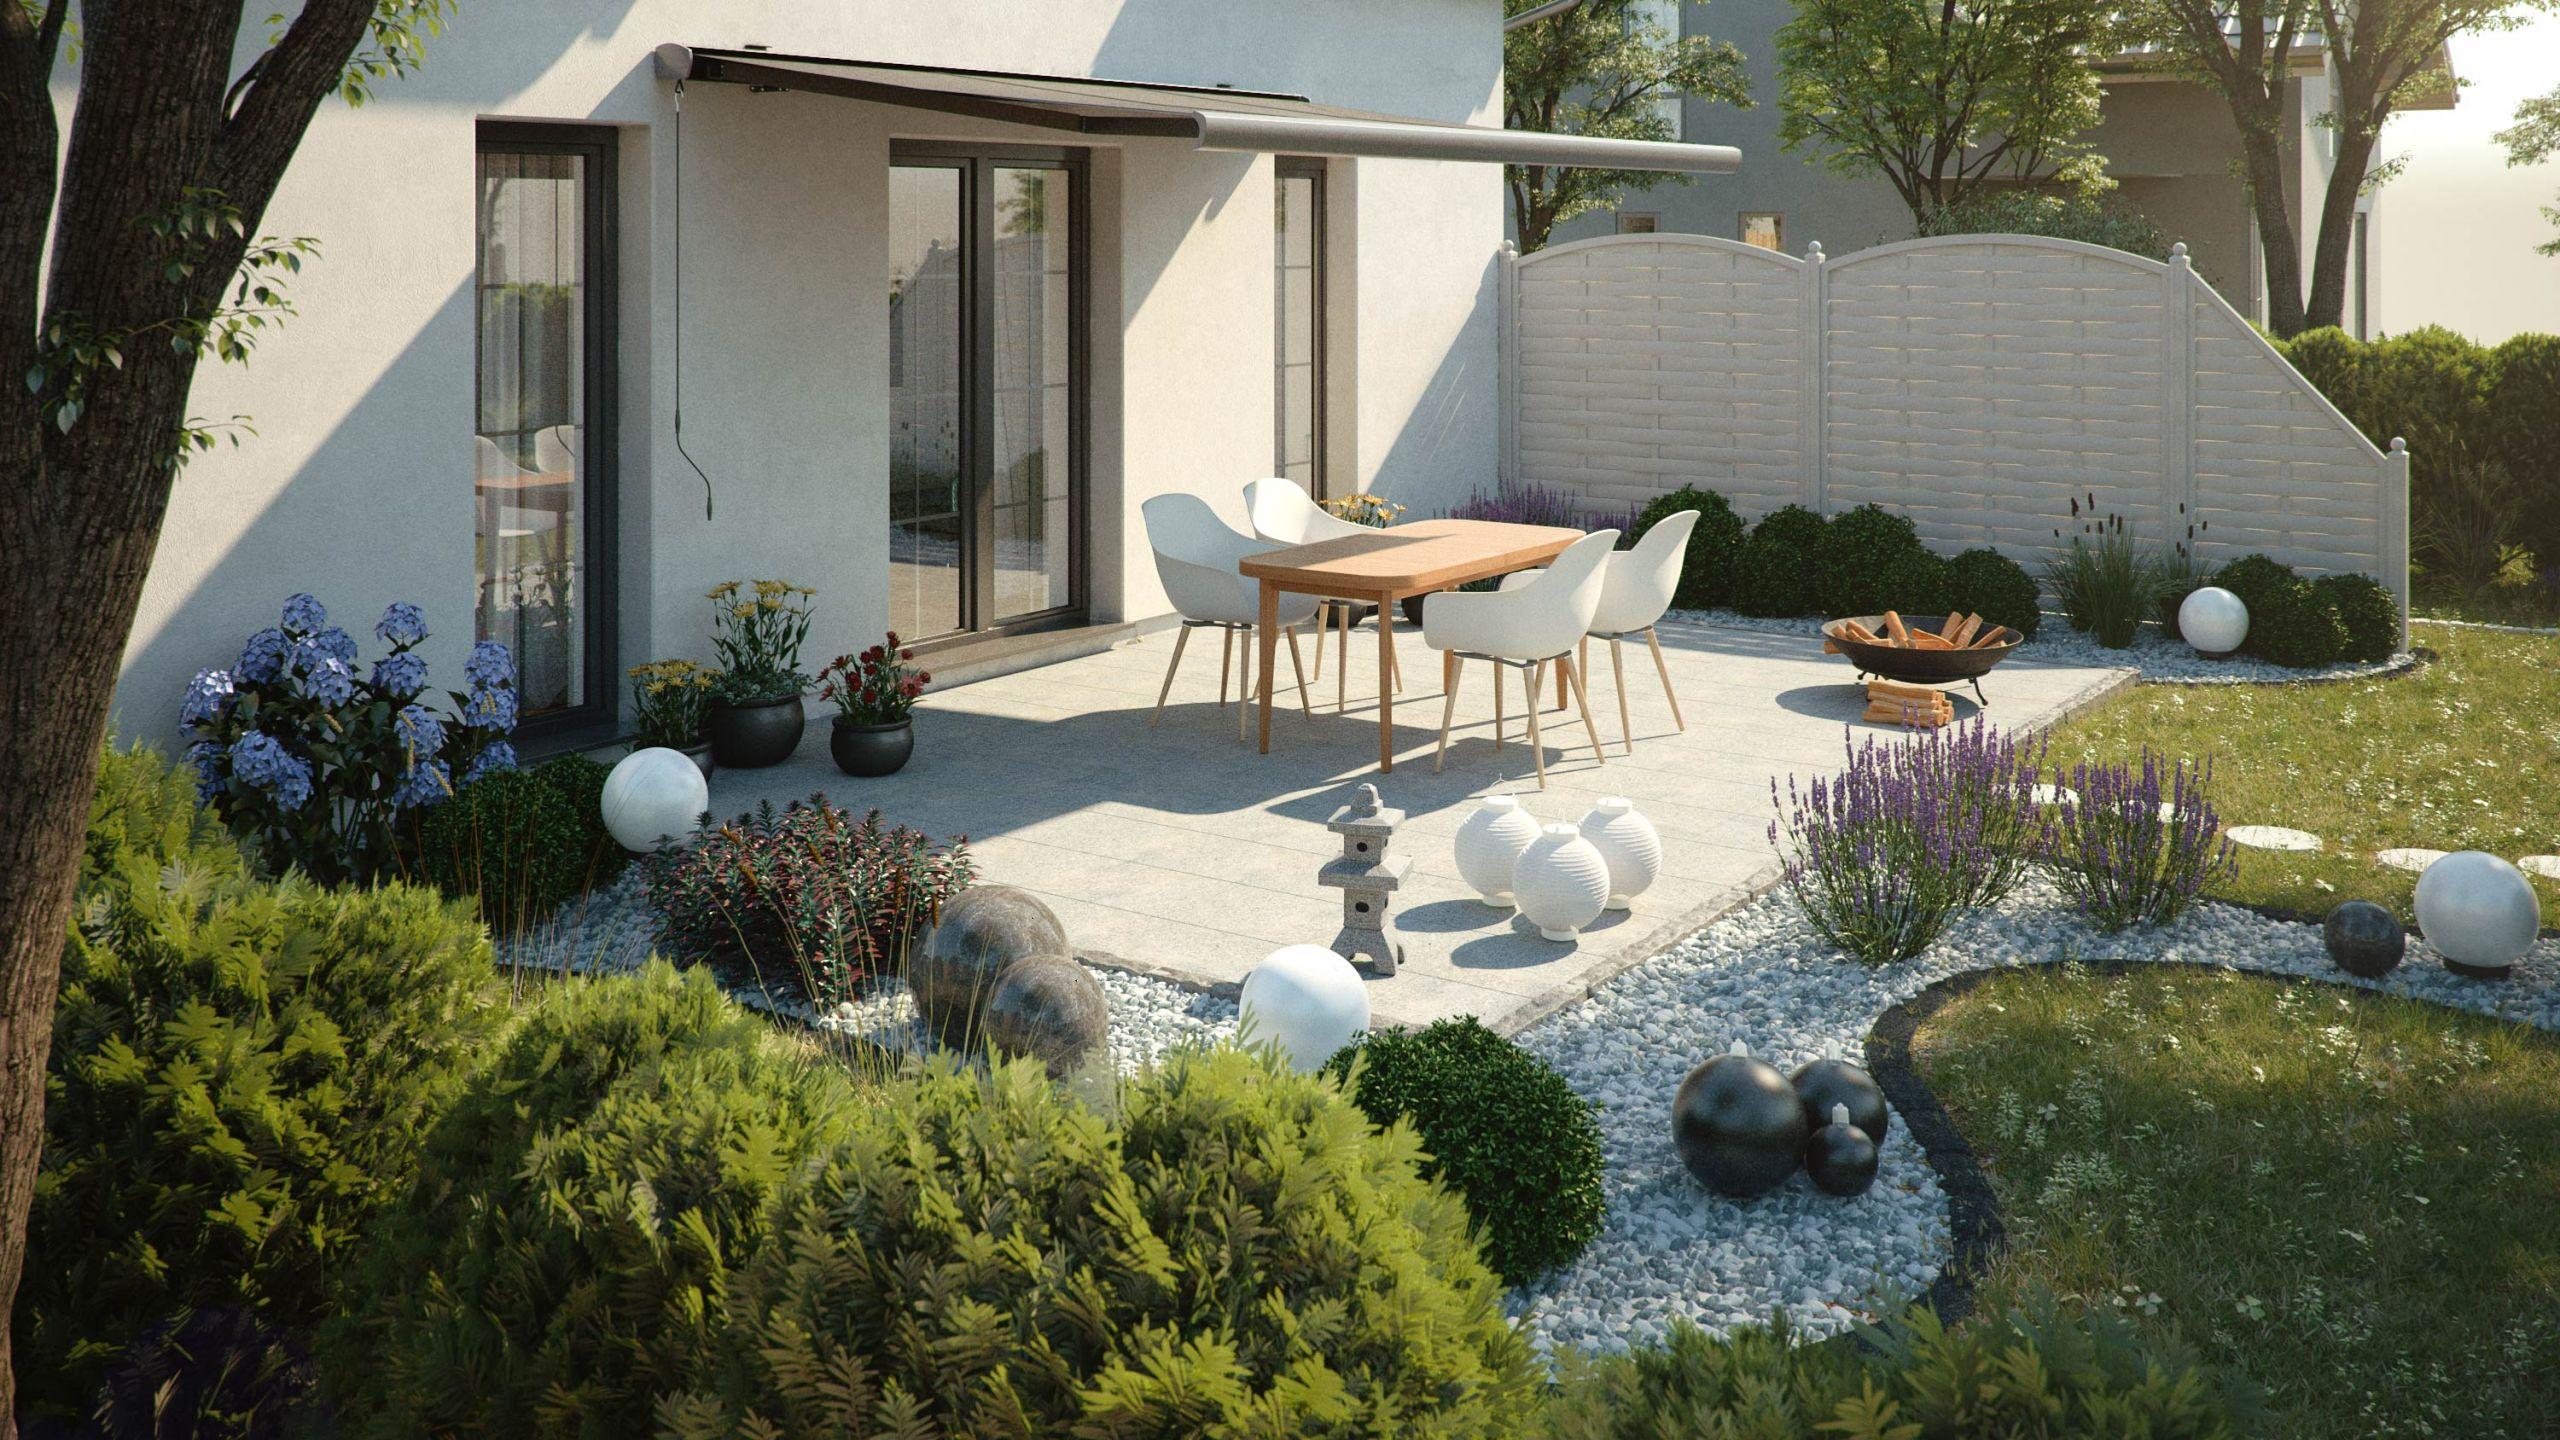 terrassen beispiele garten mit sichtschutz ideen fur terrasse inspiration obi 11 und terrasse beet einfassung gartenmoebel markise sichtschutz mit terrassen beispiele garten